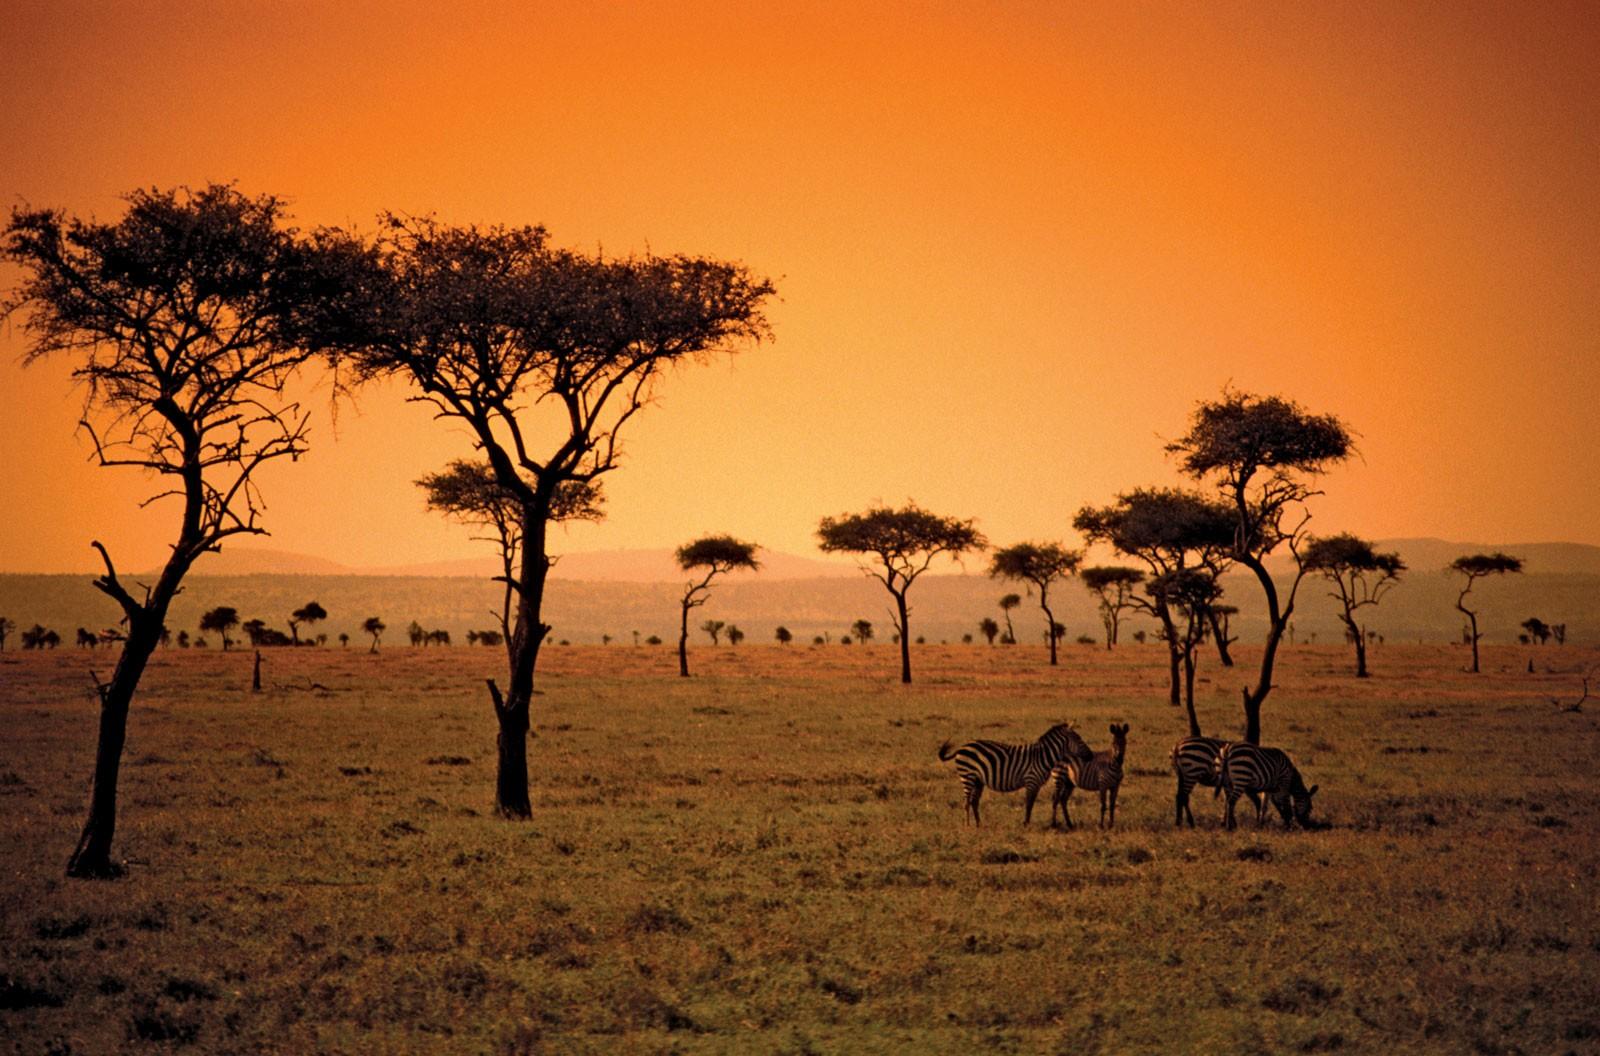 условиям оно африка территория картинки прихожей